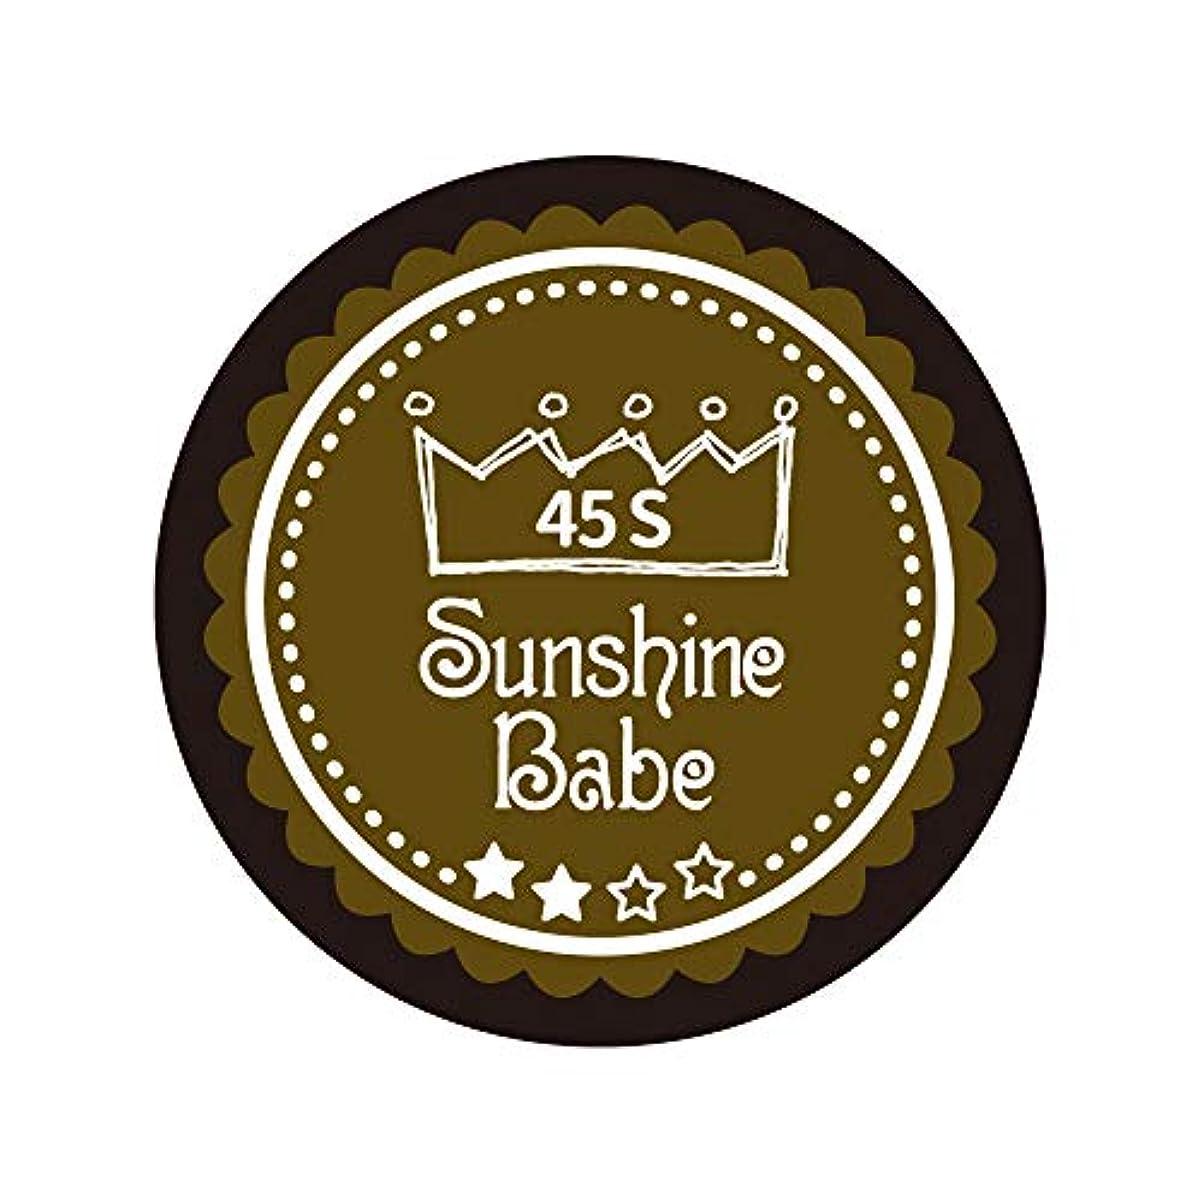 囚人頑丈登山家Sunshine Babe カラージェル 45S マティーニオリーブ 2.7g UV/LED対応